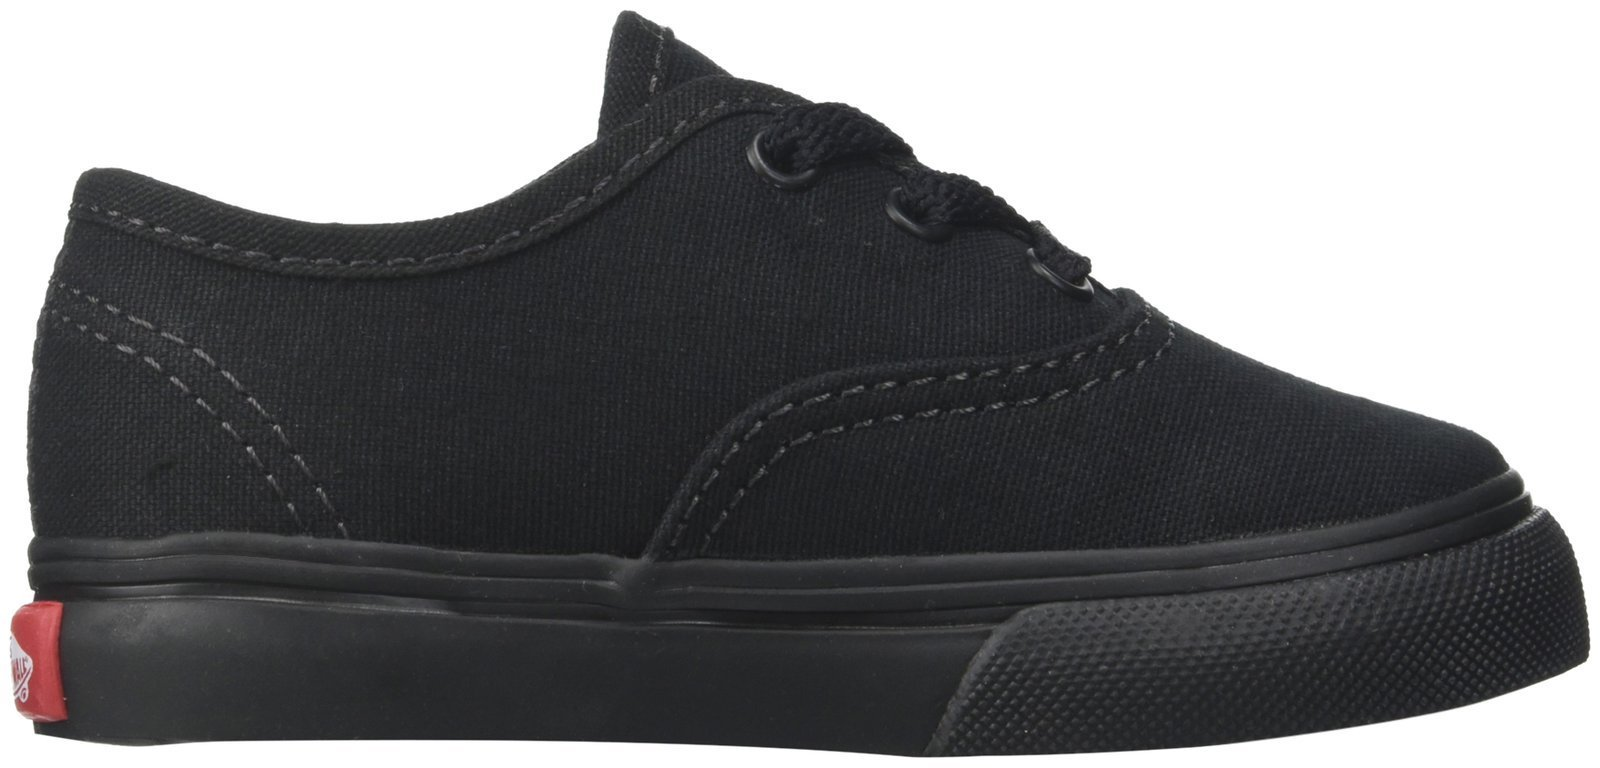 e3731955671b7 Galleon - Vans Kids' Authentic Shoes,Black/Black,5.5